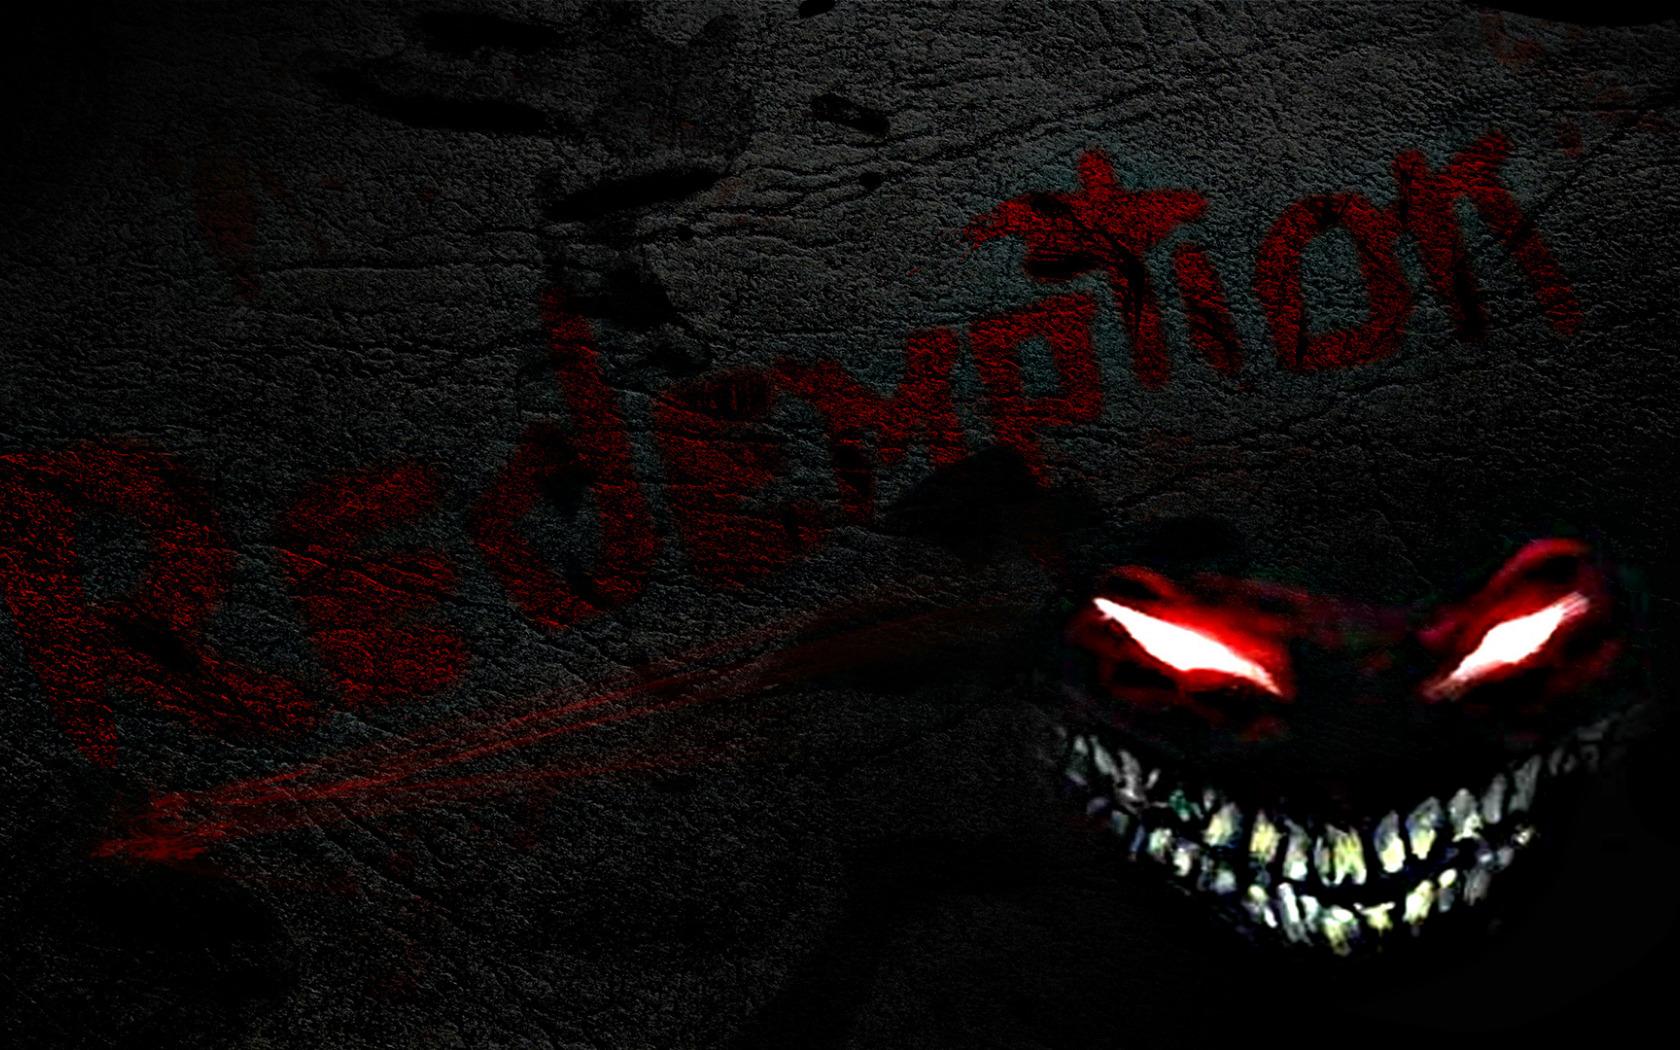 Дьявол  № 1646568 без смс